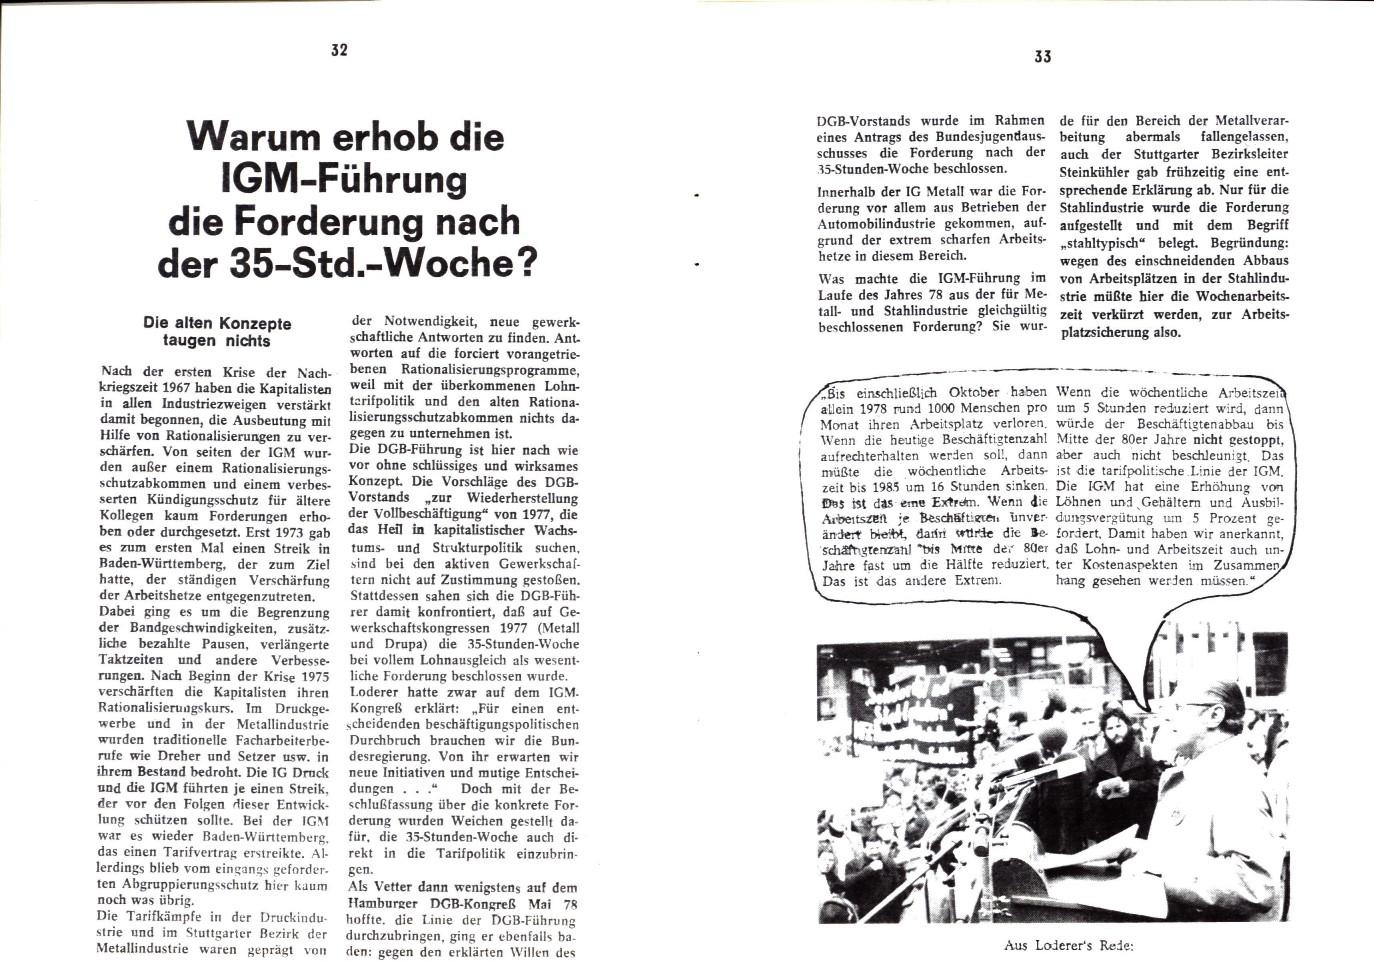 KPDAO_1979_Streik_in_der_Stahlindustrie_18